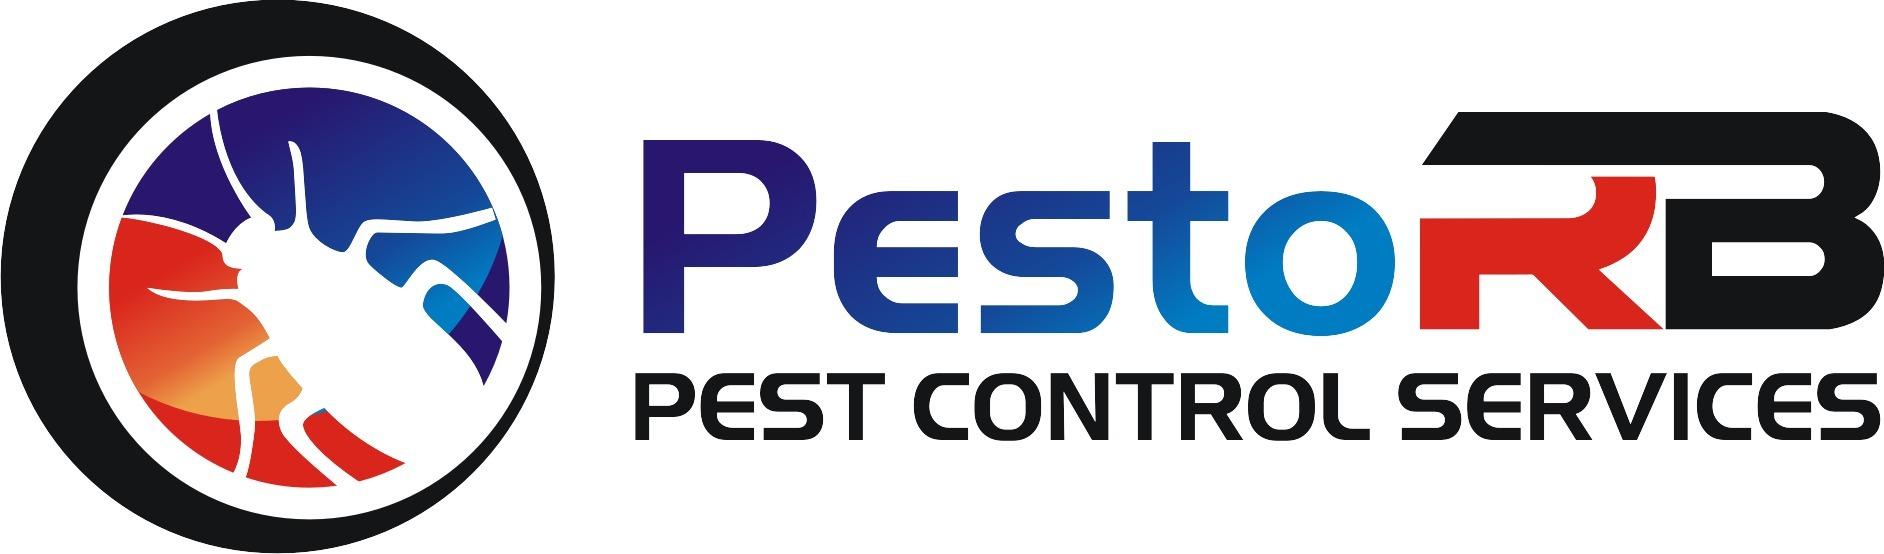 Pest oRB (@pestorb01) Cover Image